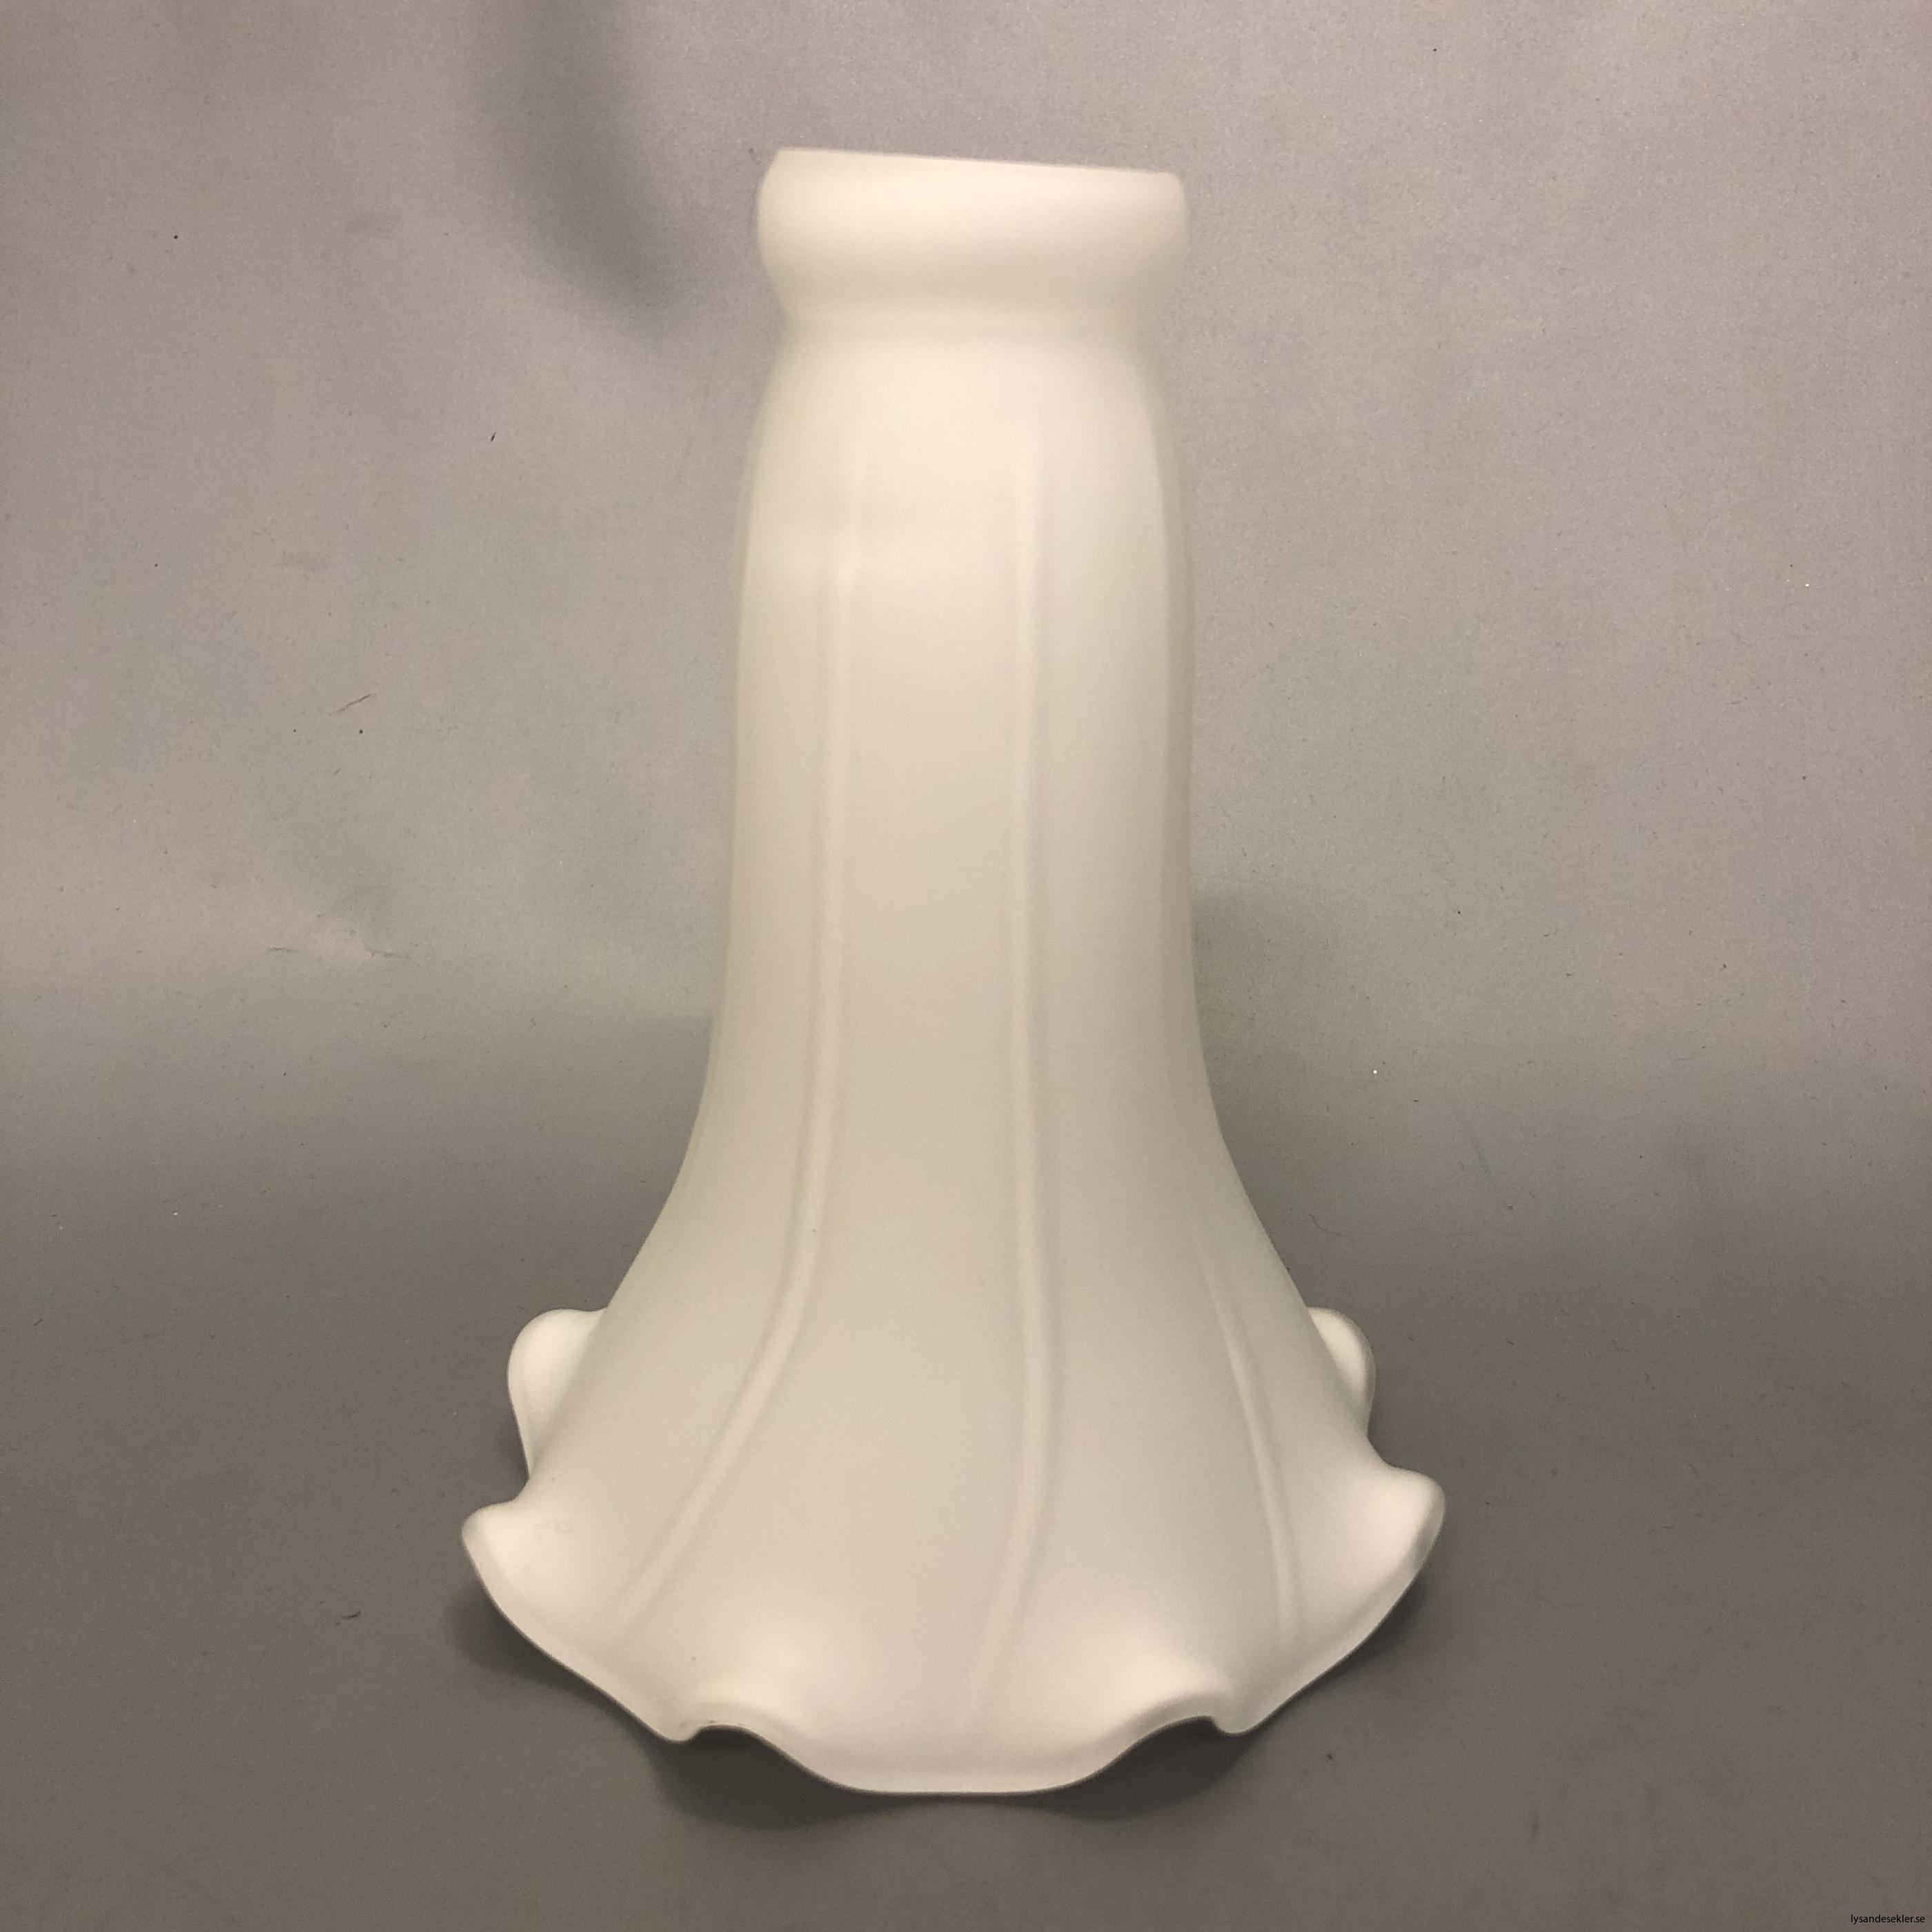 liljan matt vit kupa 40 mm upptill1